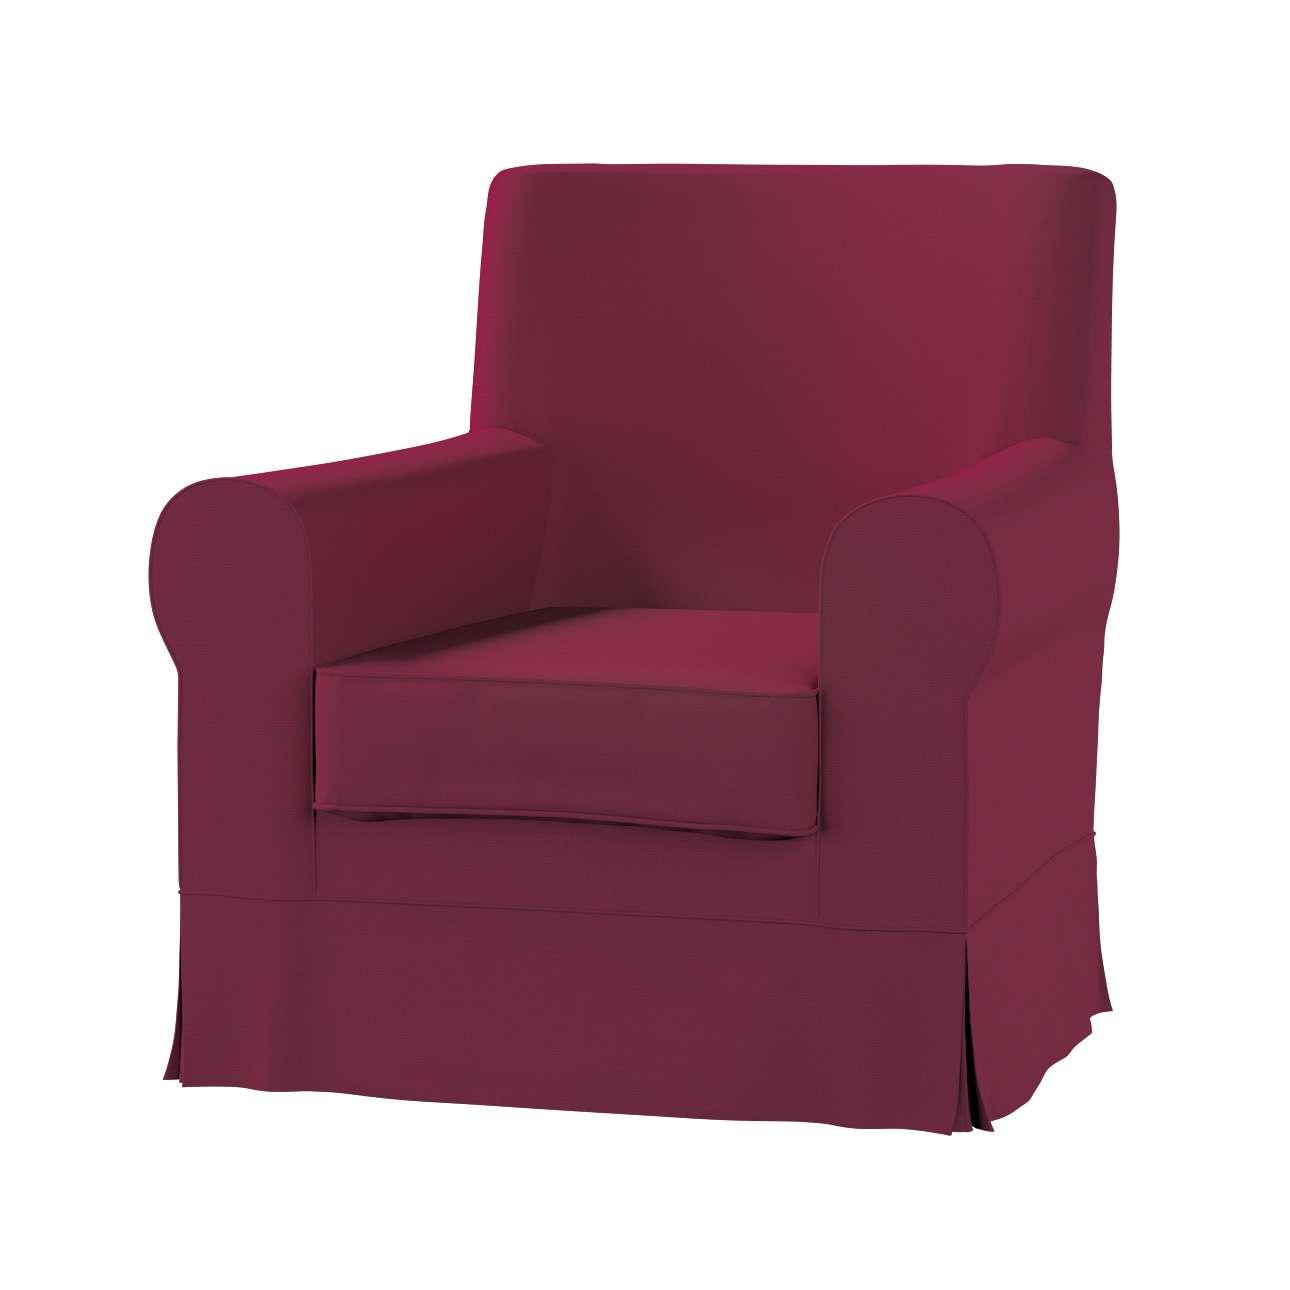 EKTORP JENNYLUND fotelio užvalkalas Ektorp Jennylund fotelio užvalkalas kolekcijoje Cotton Panama, audinys: 702-32